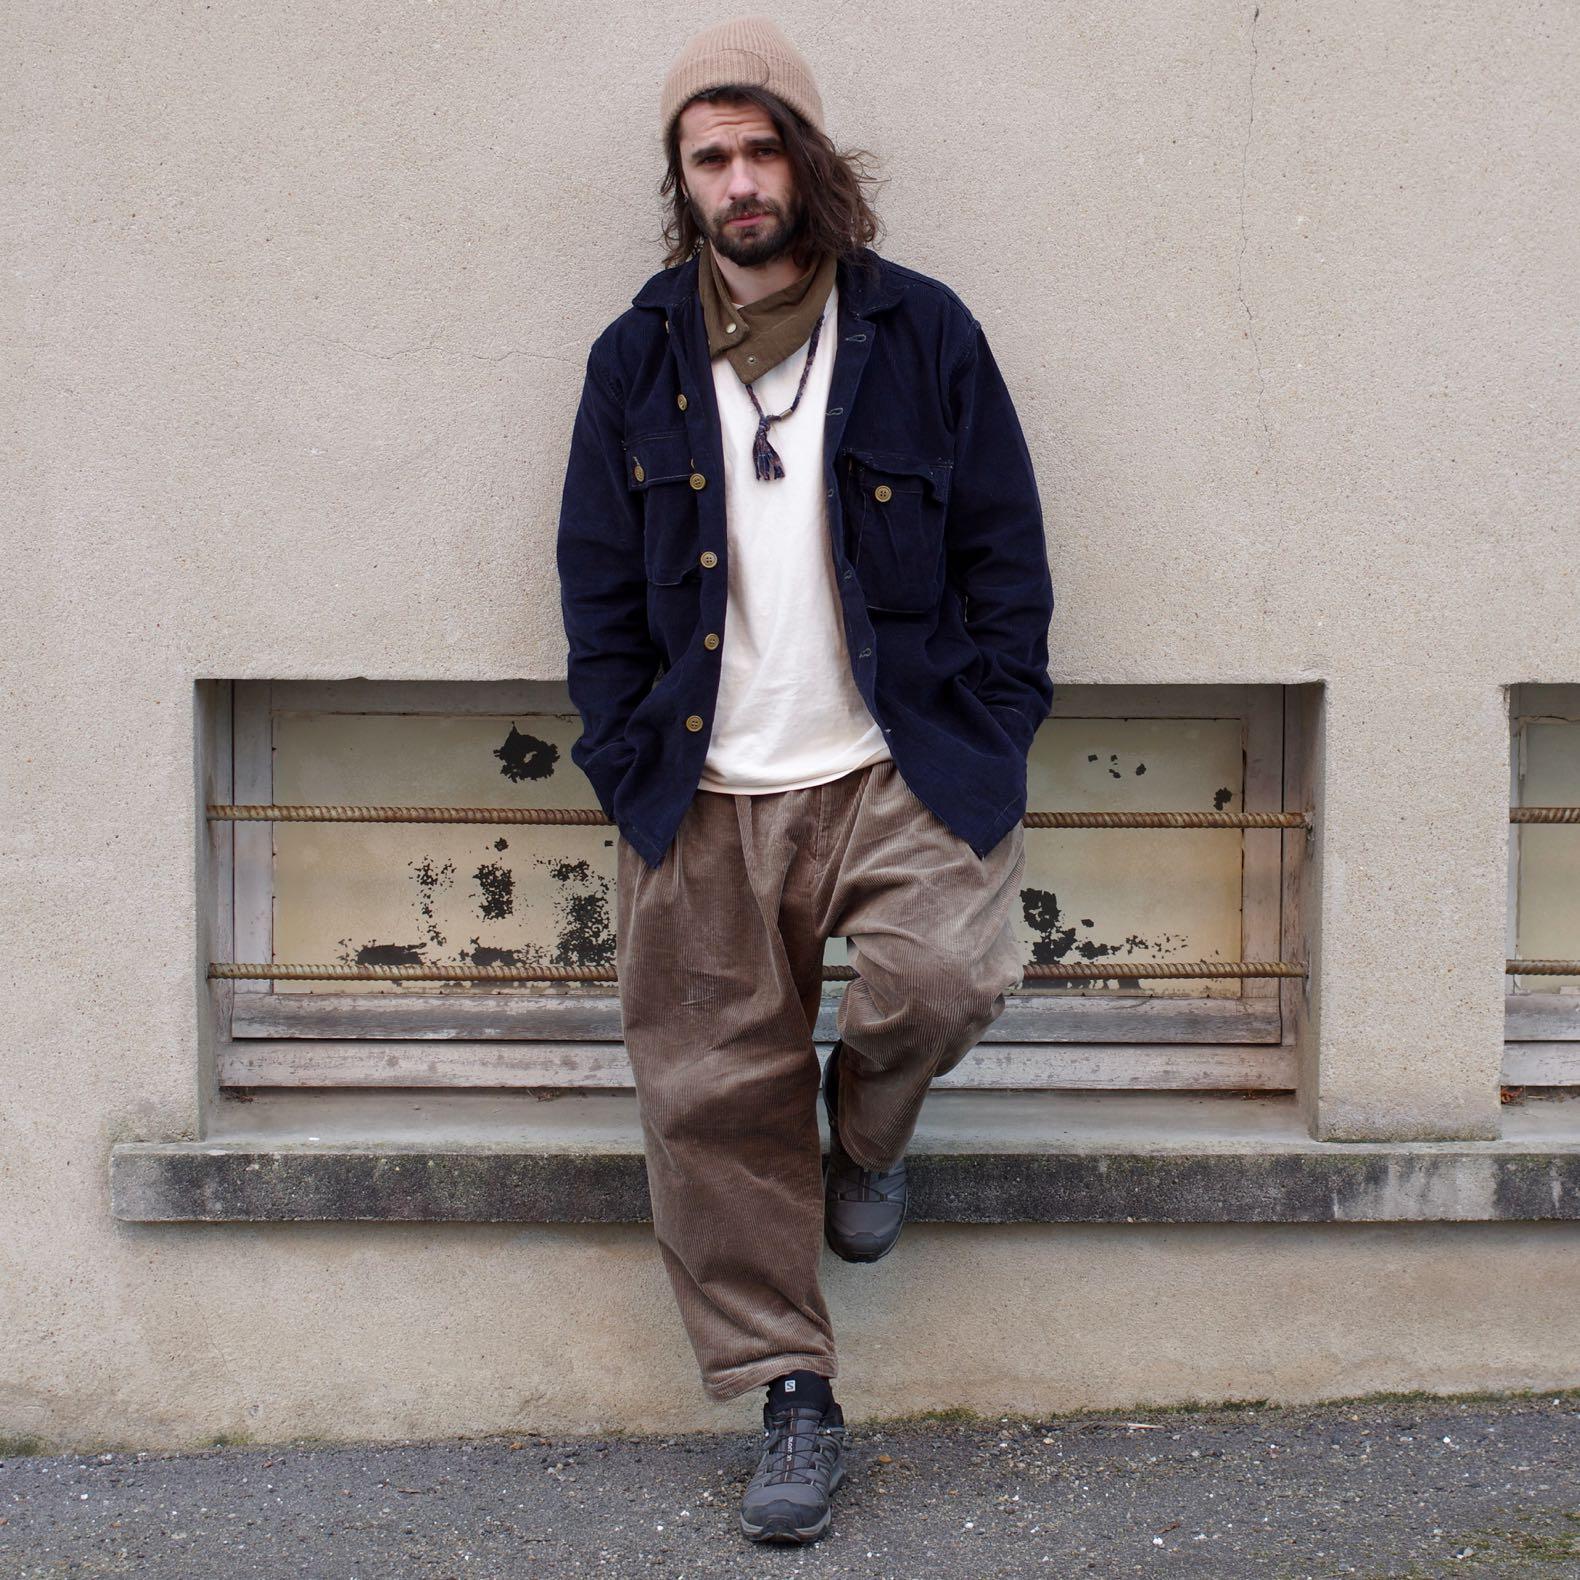 conseil-mode-homme-comment-porter-vêtements-coupes-larges - 2